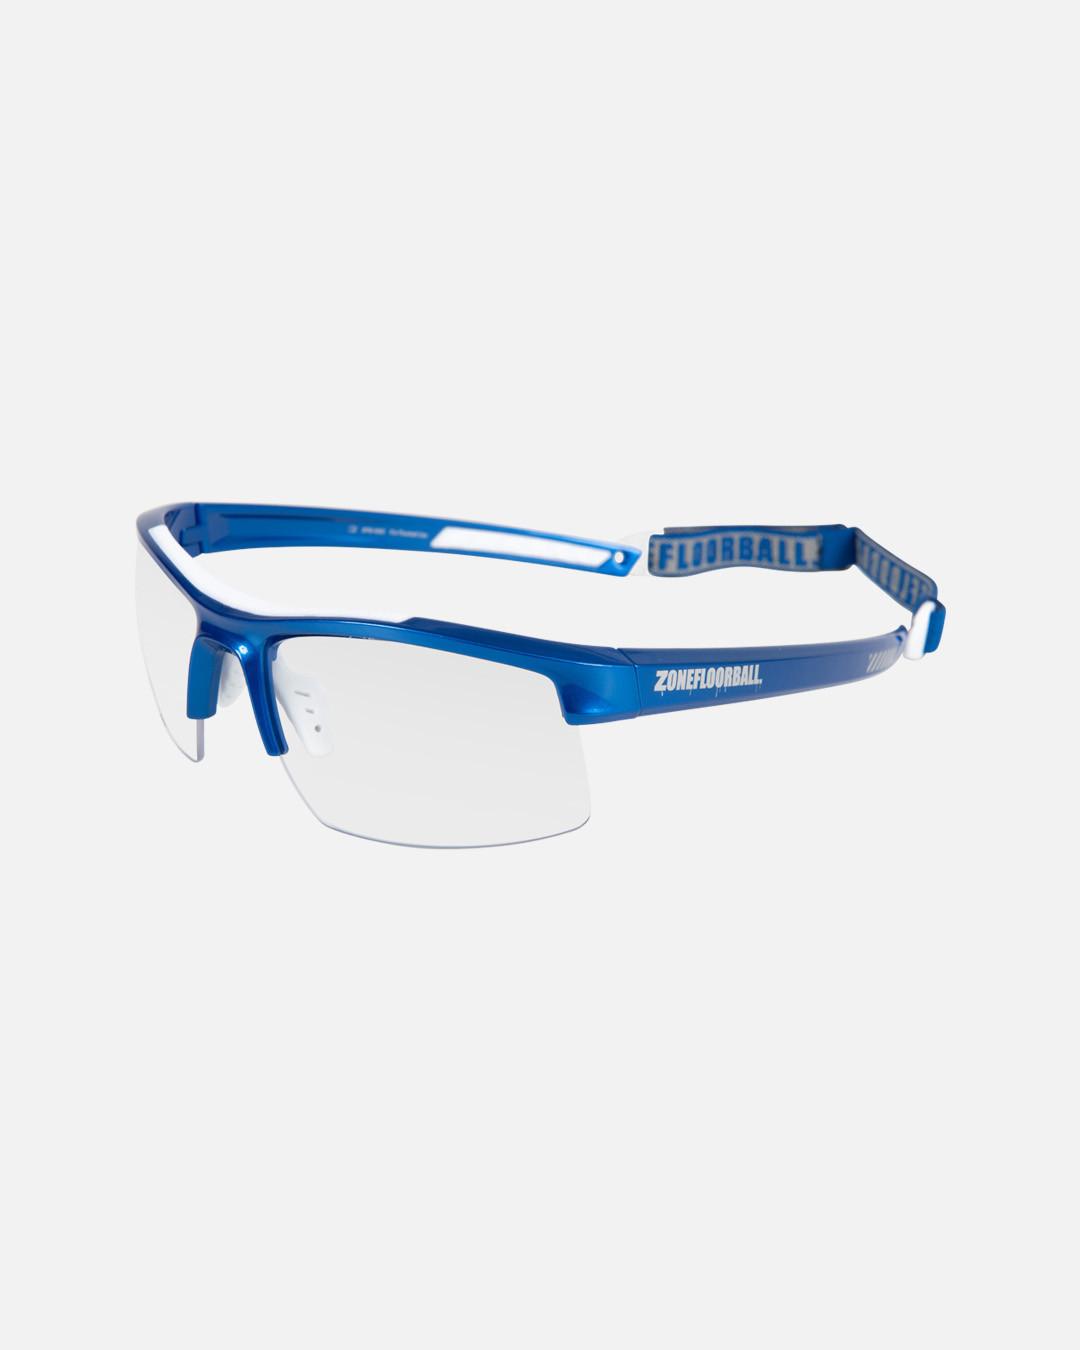 PROTECTOR SPORT GLASSES JUNIOR AQUA BLUE